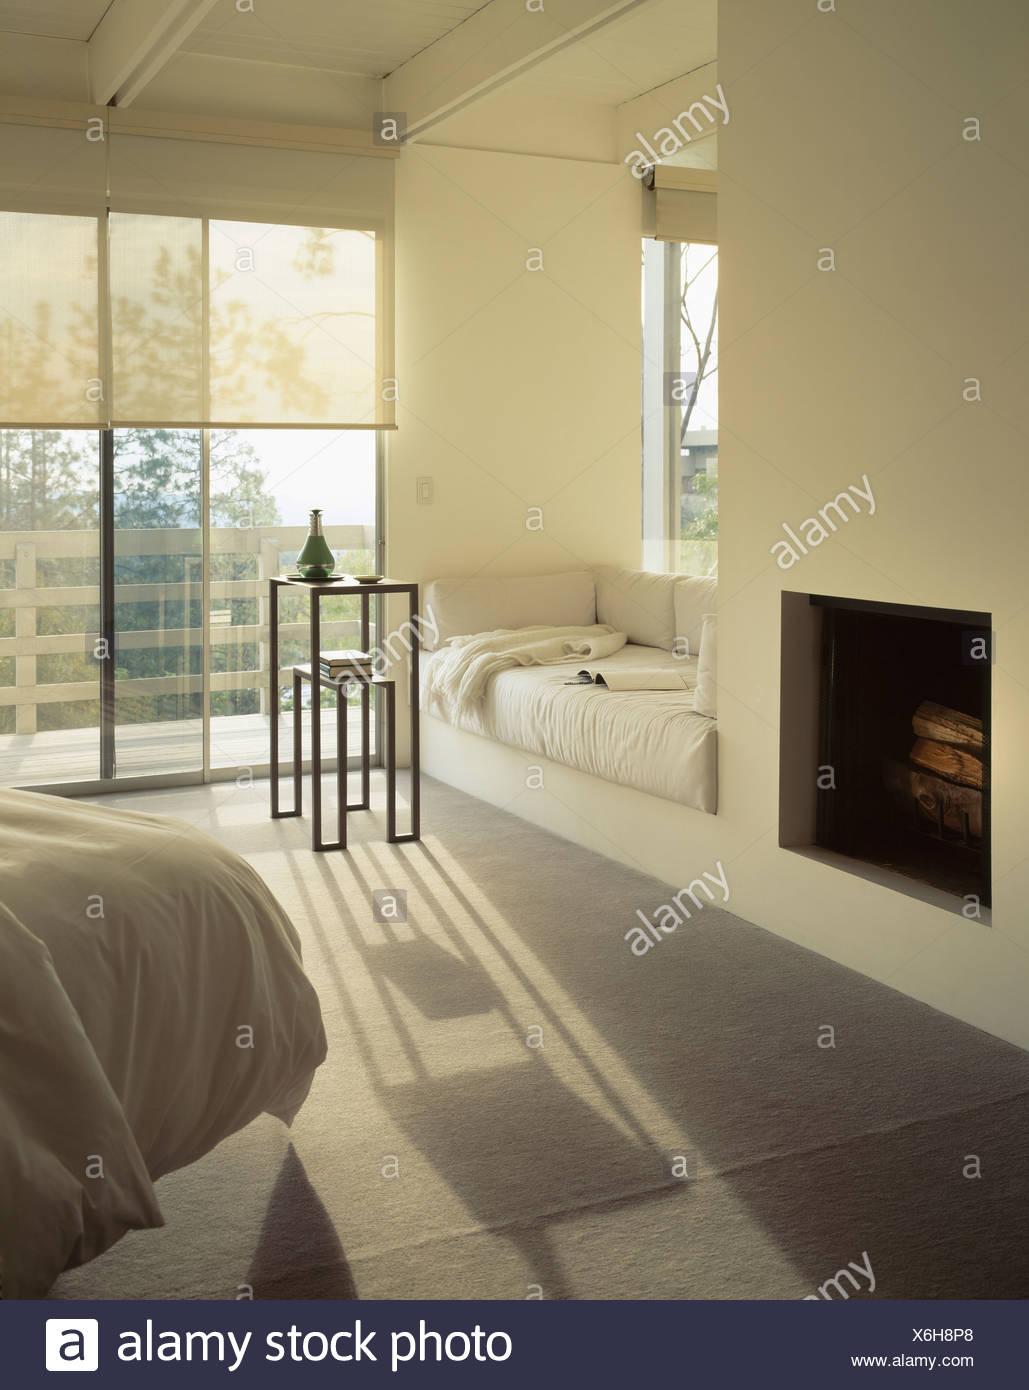 Cheminée Et Fenêtre Fauteuil Avec Coussins En Blanc Crème Moderne Chambre  Avec Moquette Grise Et Portes Fenêtres Avec Stores Crème